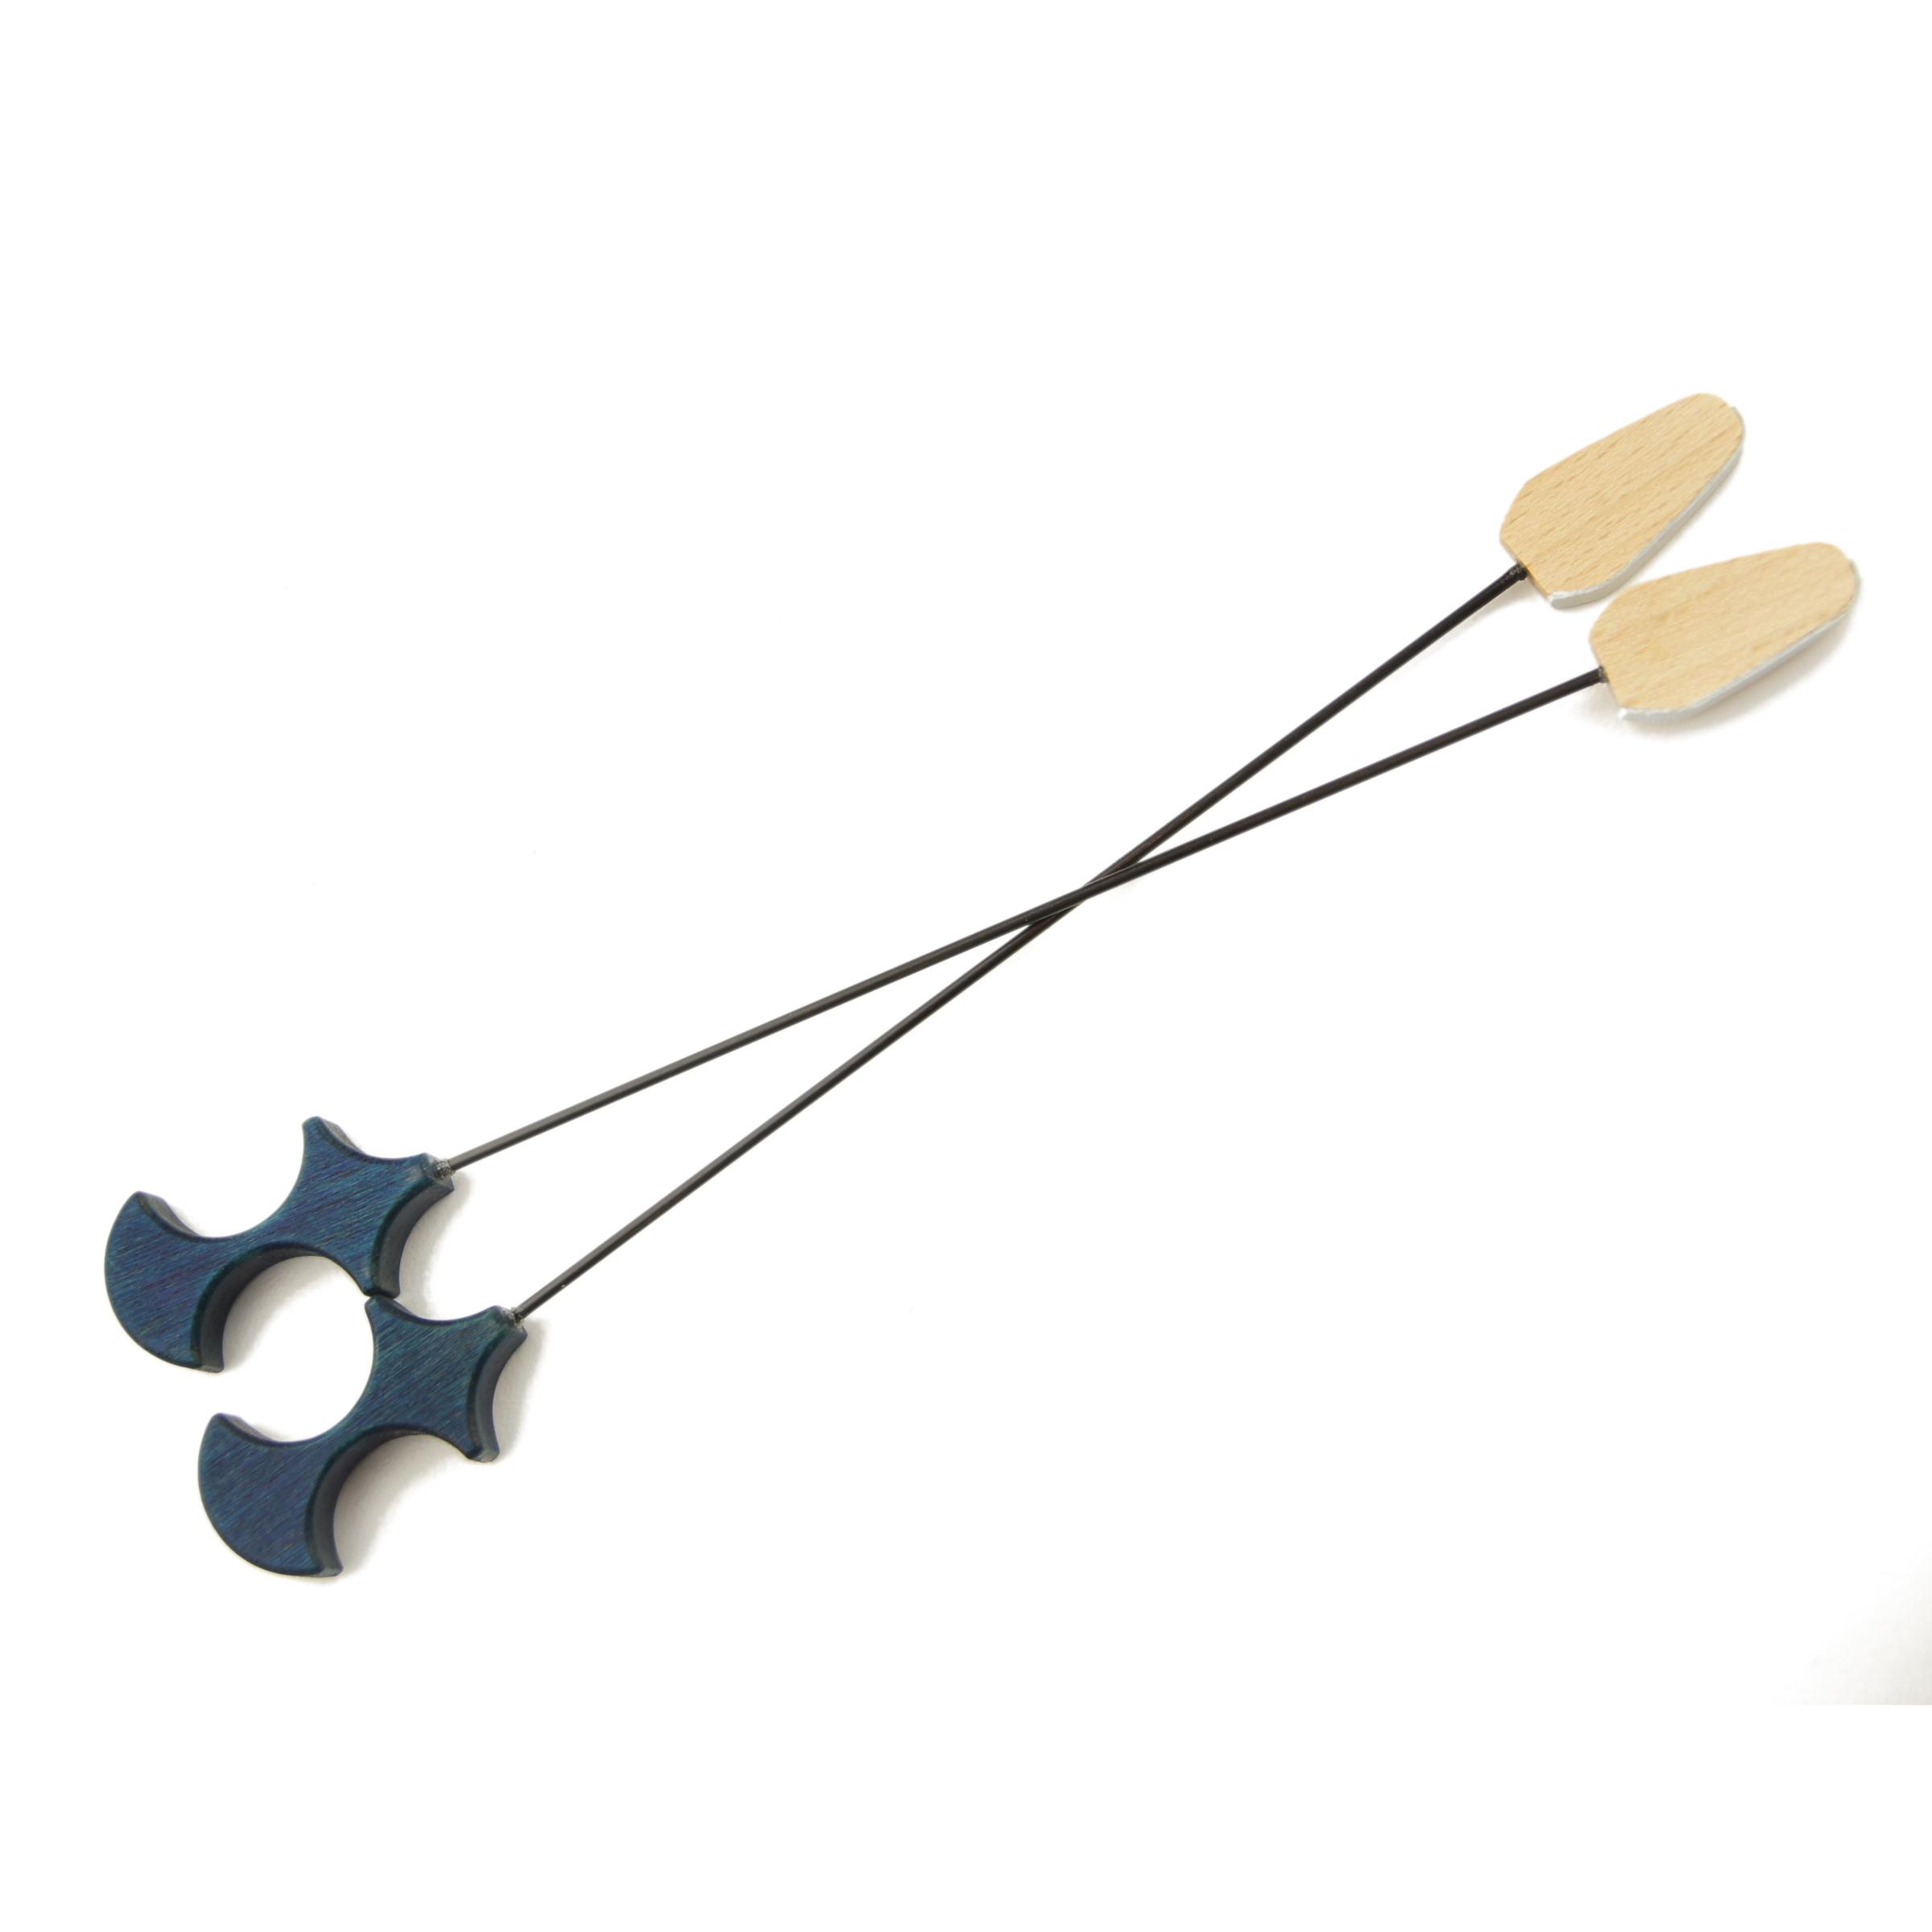 Goldsteg Hackbrettschlägel Carbon Leder/Filz blau